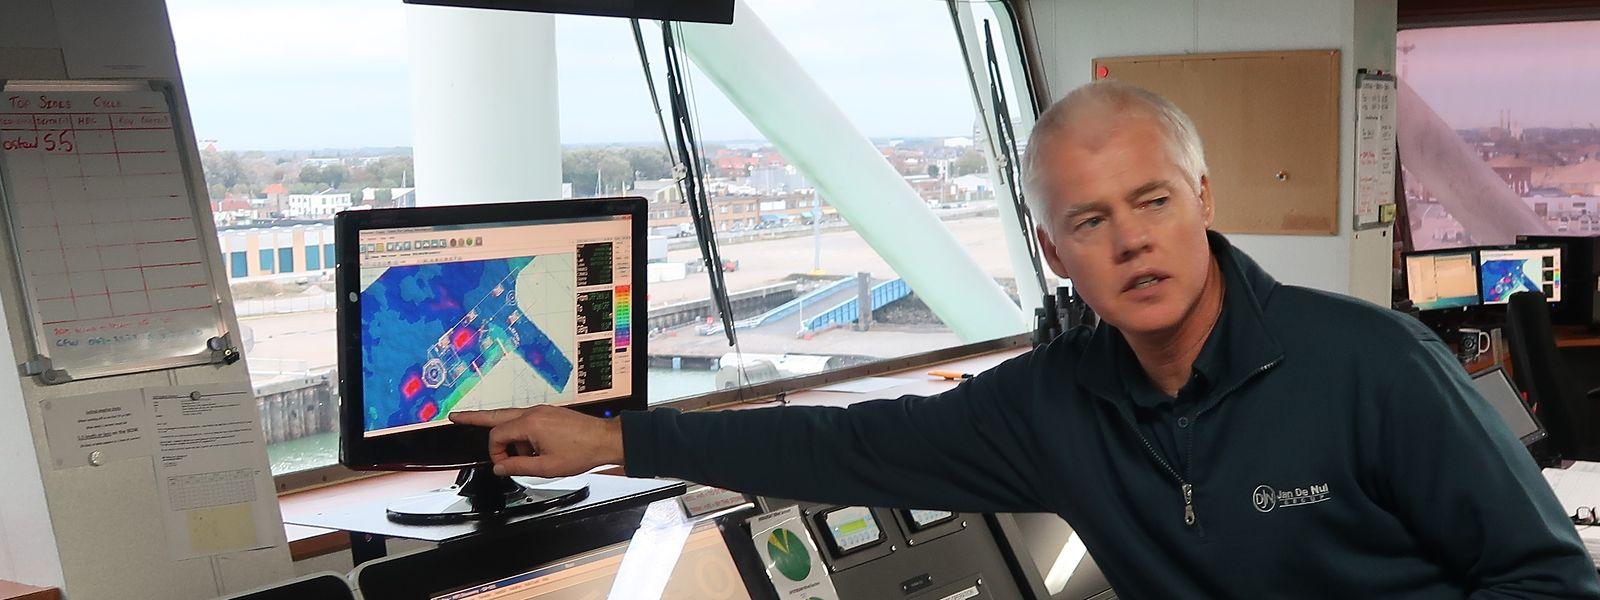 Der Kapitan der Taillevent von Jan de Nul auf der Brücke: Die Schiffsbesatzungen müssen ständig trainiert werden.